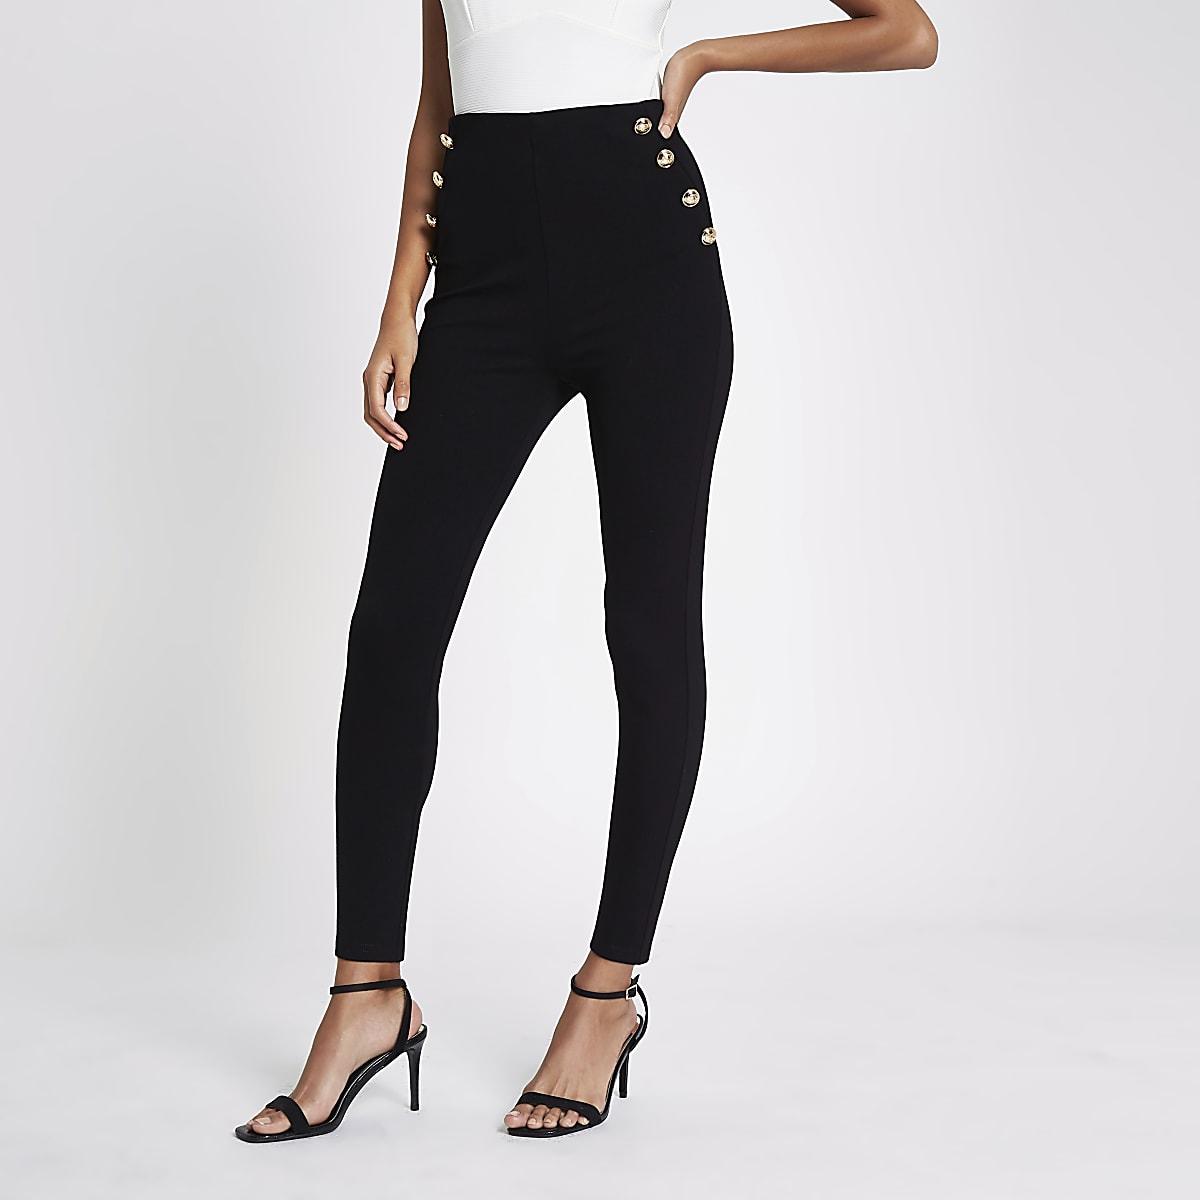 Schwarze Leggings mit Knöpfen